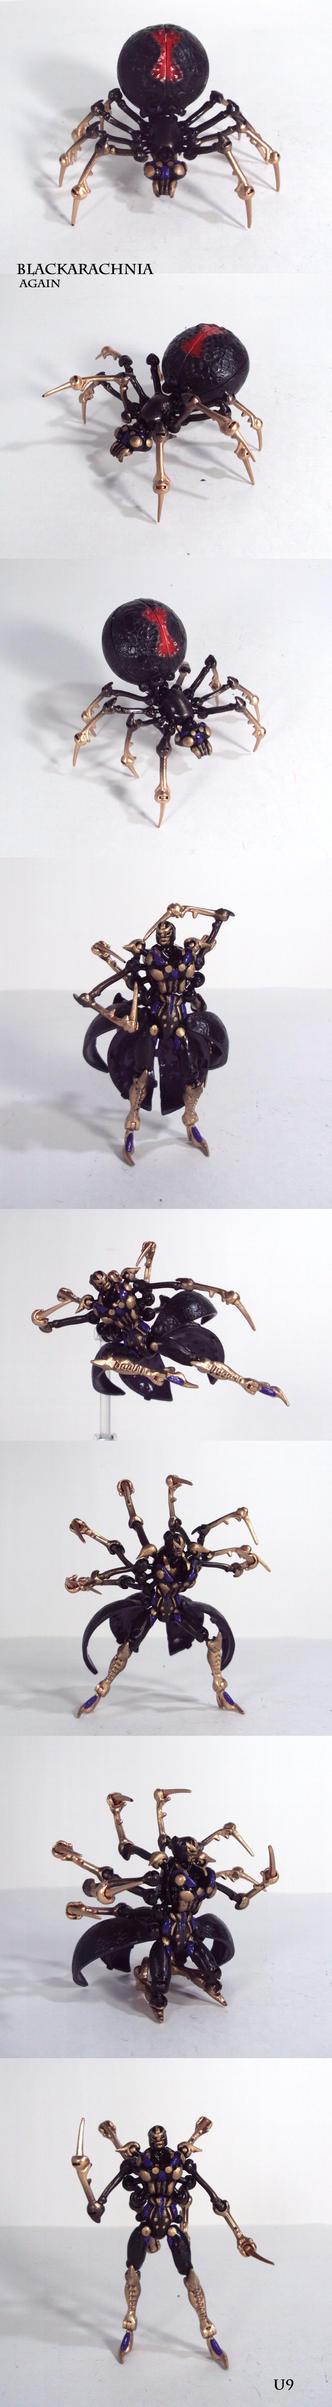 Blackarachnia Again by Unicron9